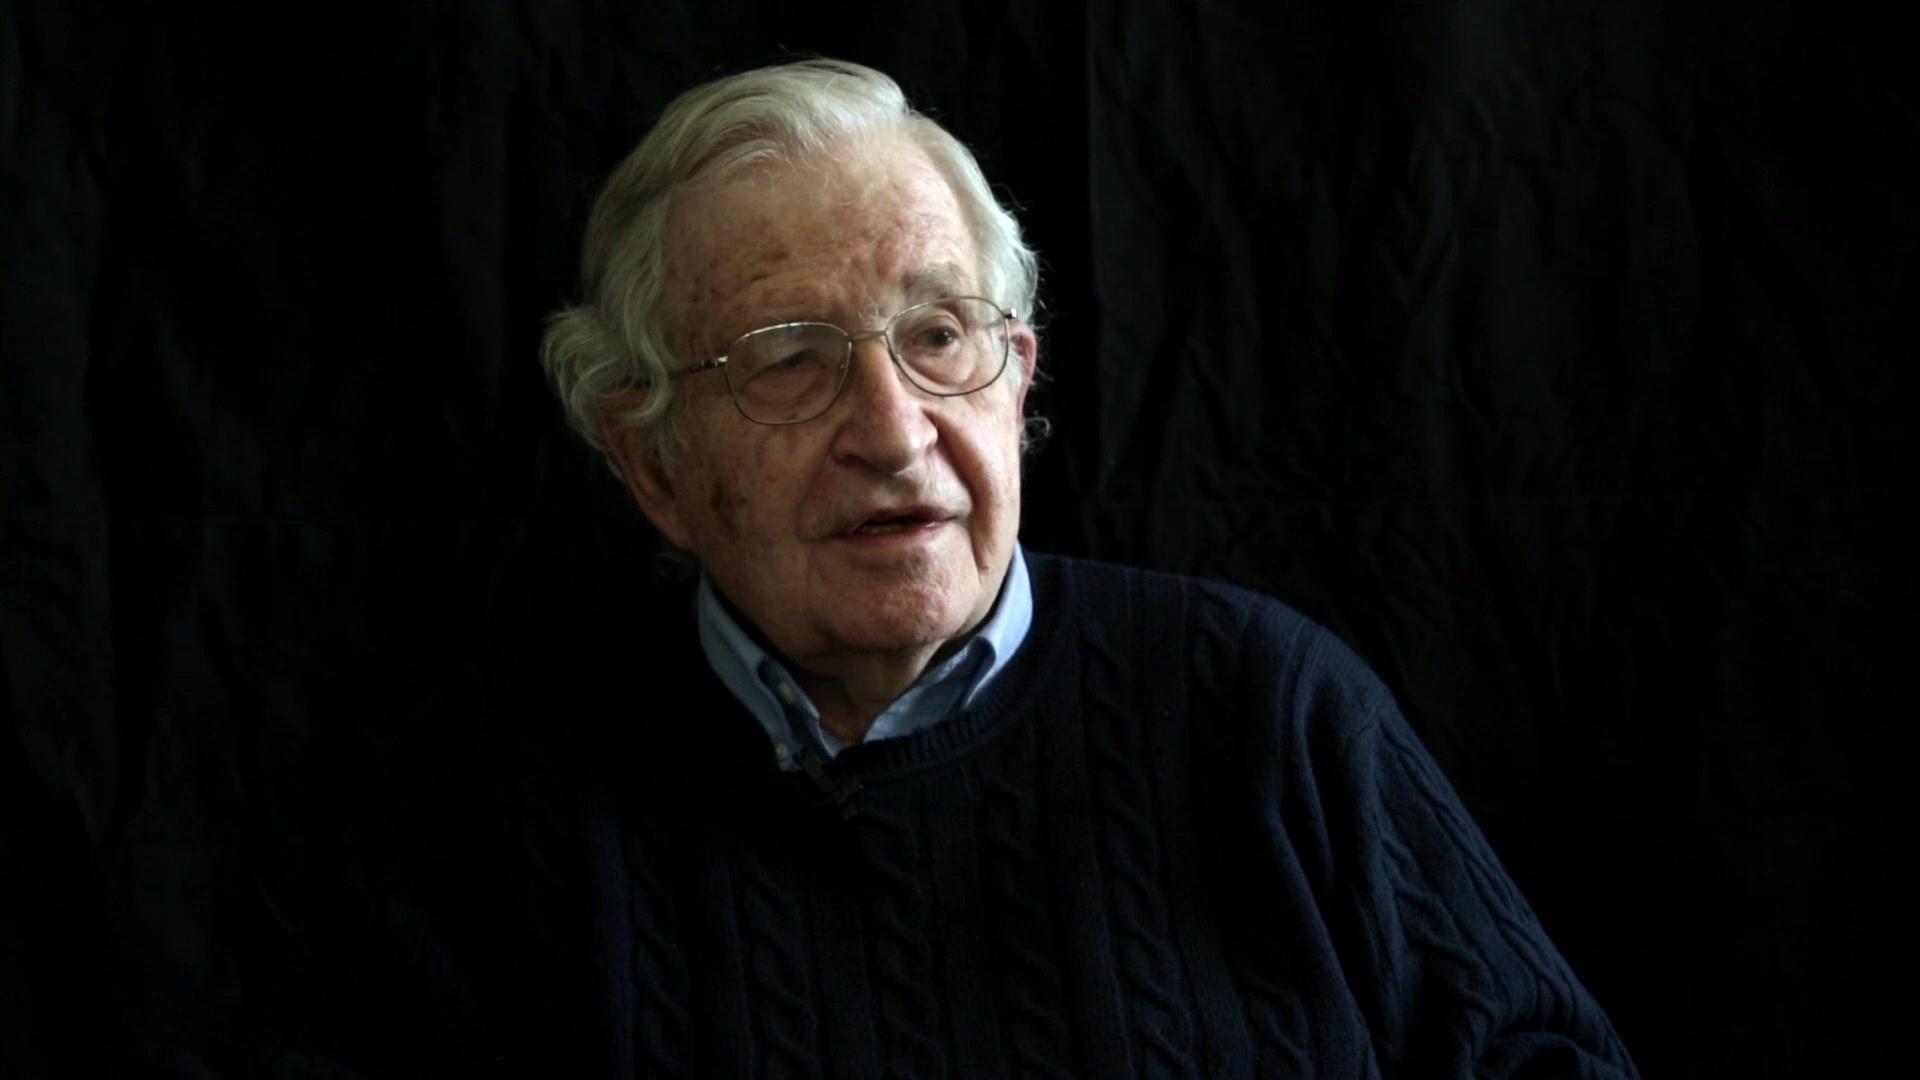 Cito da Wikipedia : Avram Noam Chomsky (Filadelfia, 7 dicembre 1928) è un linguista, filosofo e teorico della comunicazione statunitense.